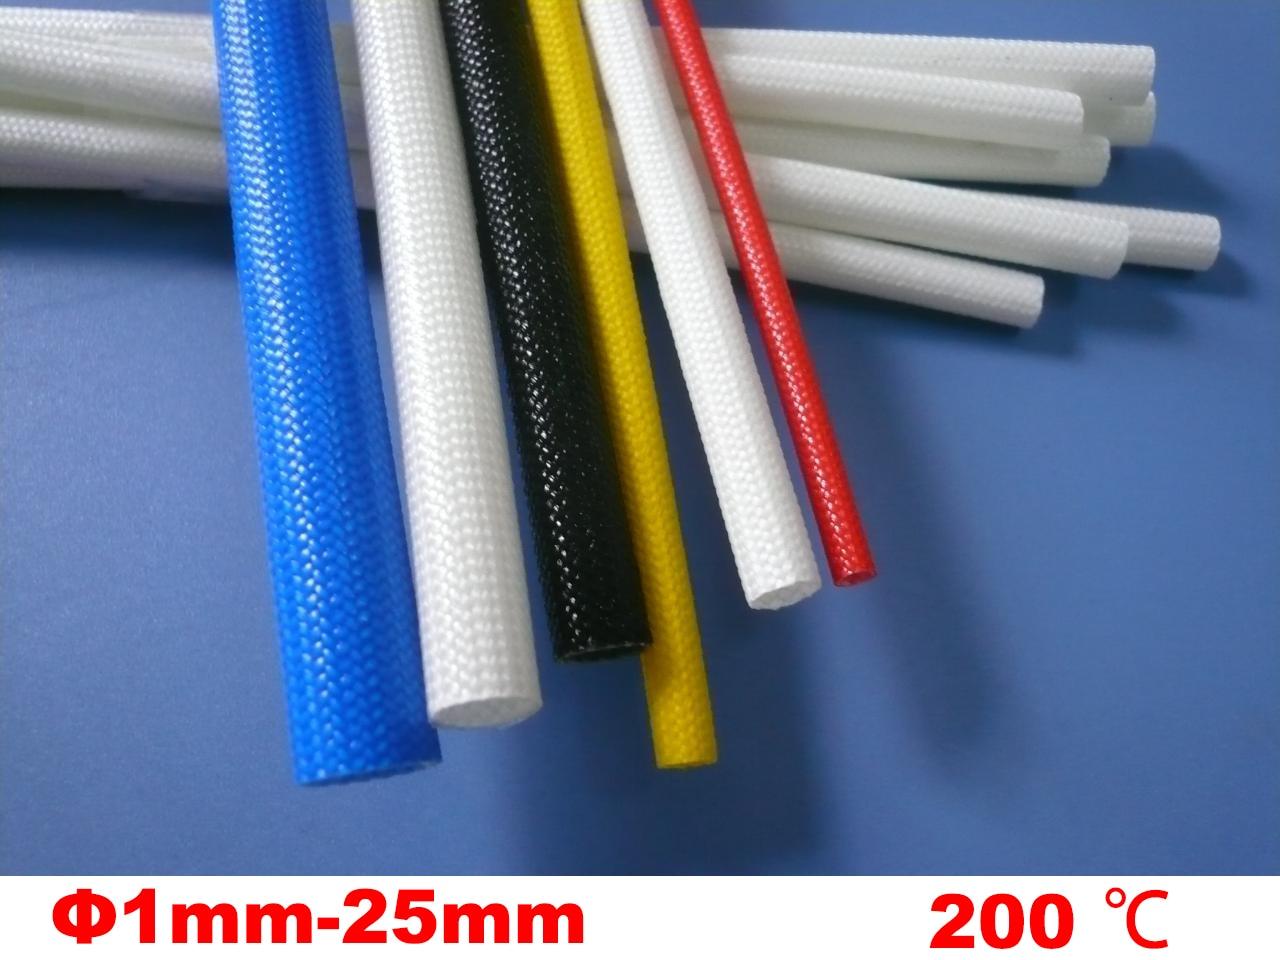 20 M 2mm Nero Bianco 200 Gradi C Ad Alta Temperatura off-Auto Tubo Di Telaio In Resina Siliconica Vetro Intrecciata Manicotto in fibra di Tubo In Fibra di vetro